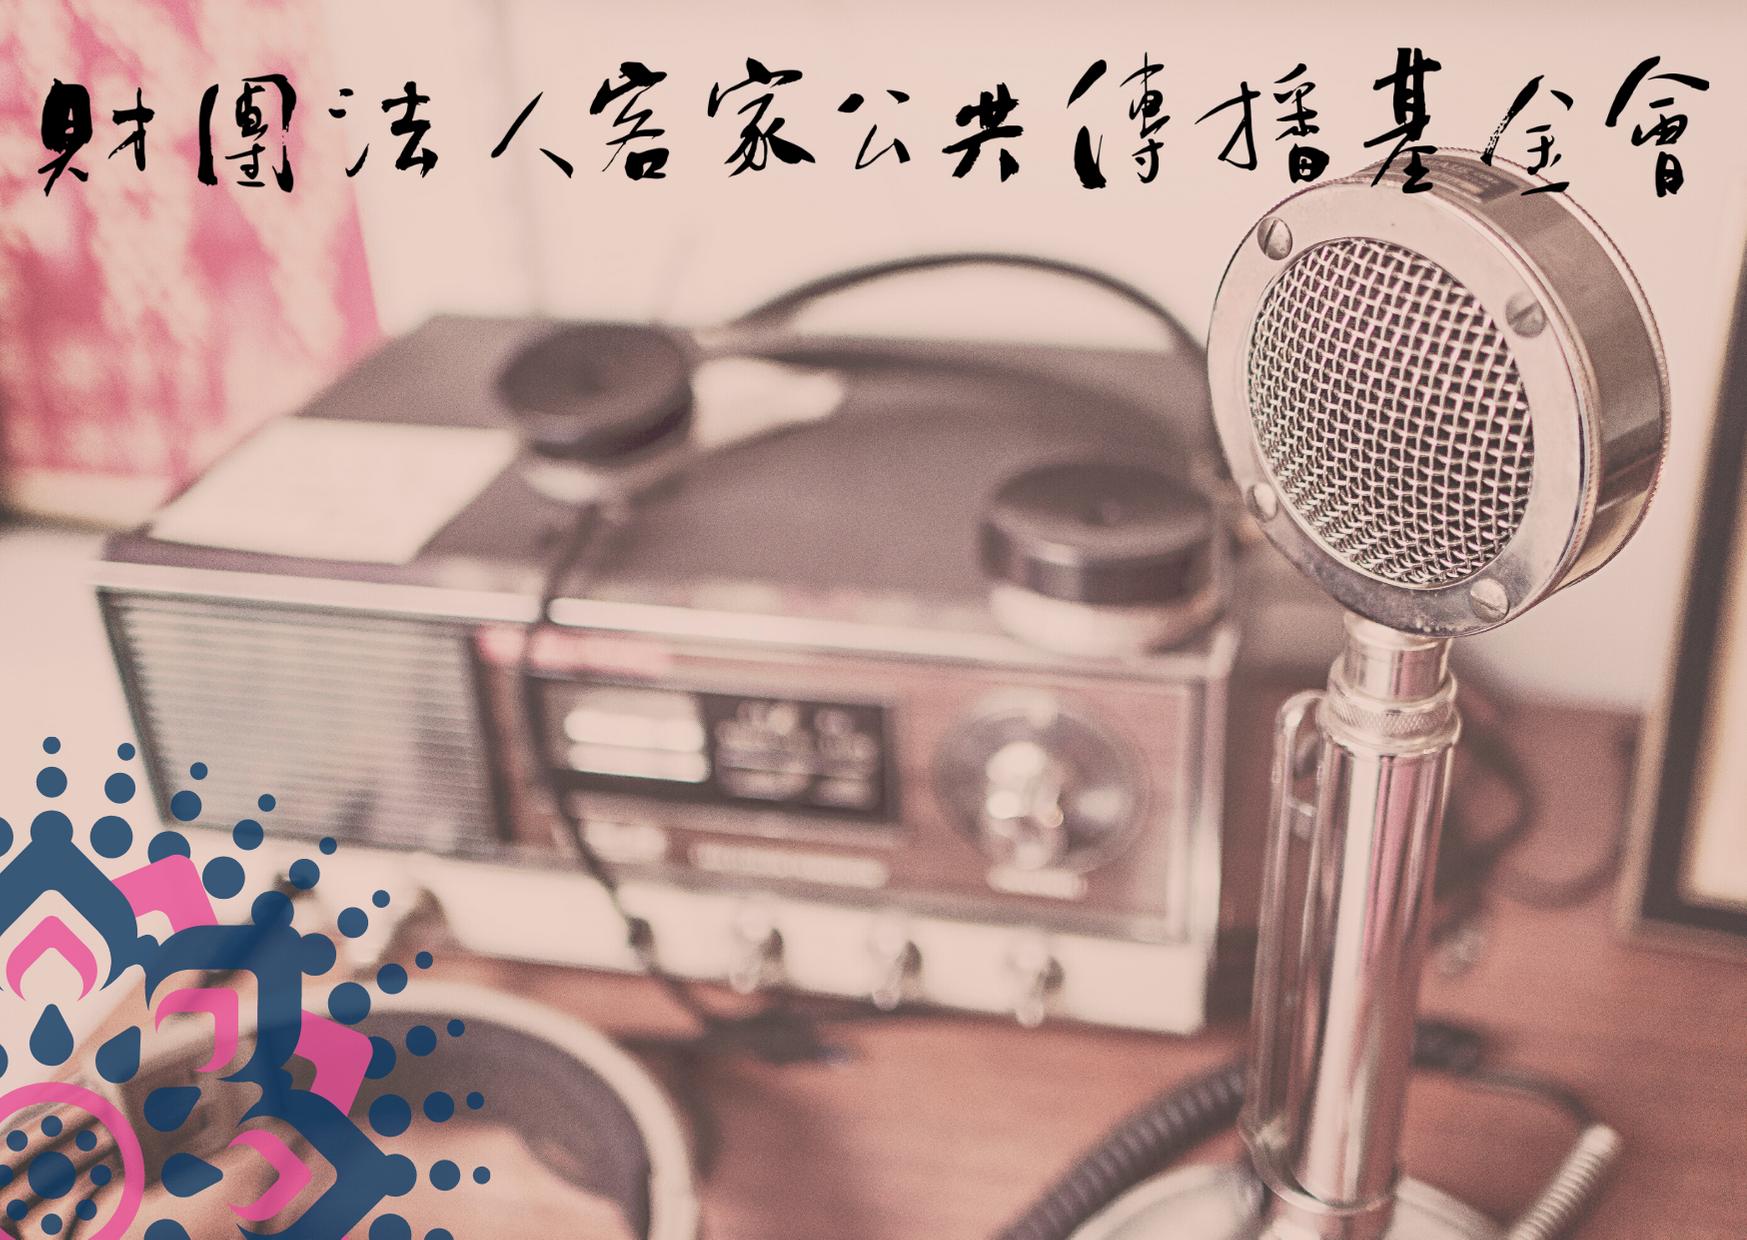 本基金會講客廣播電台招聘節目組組員